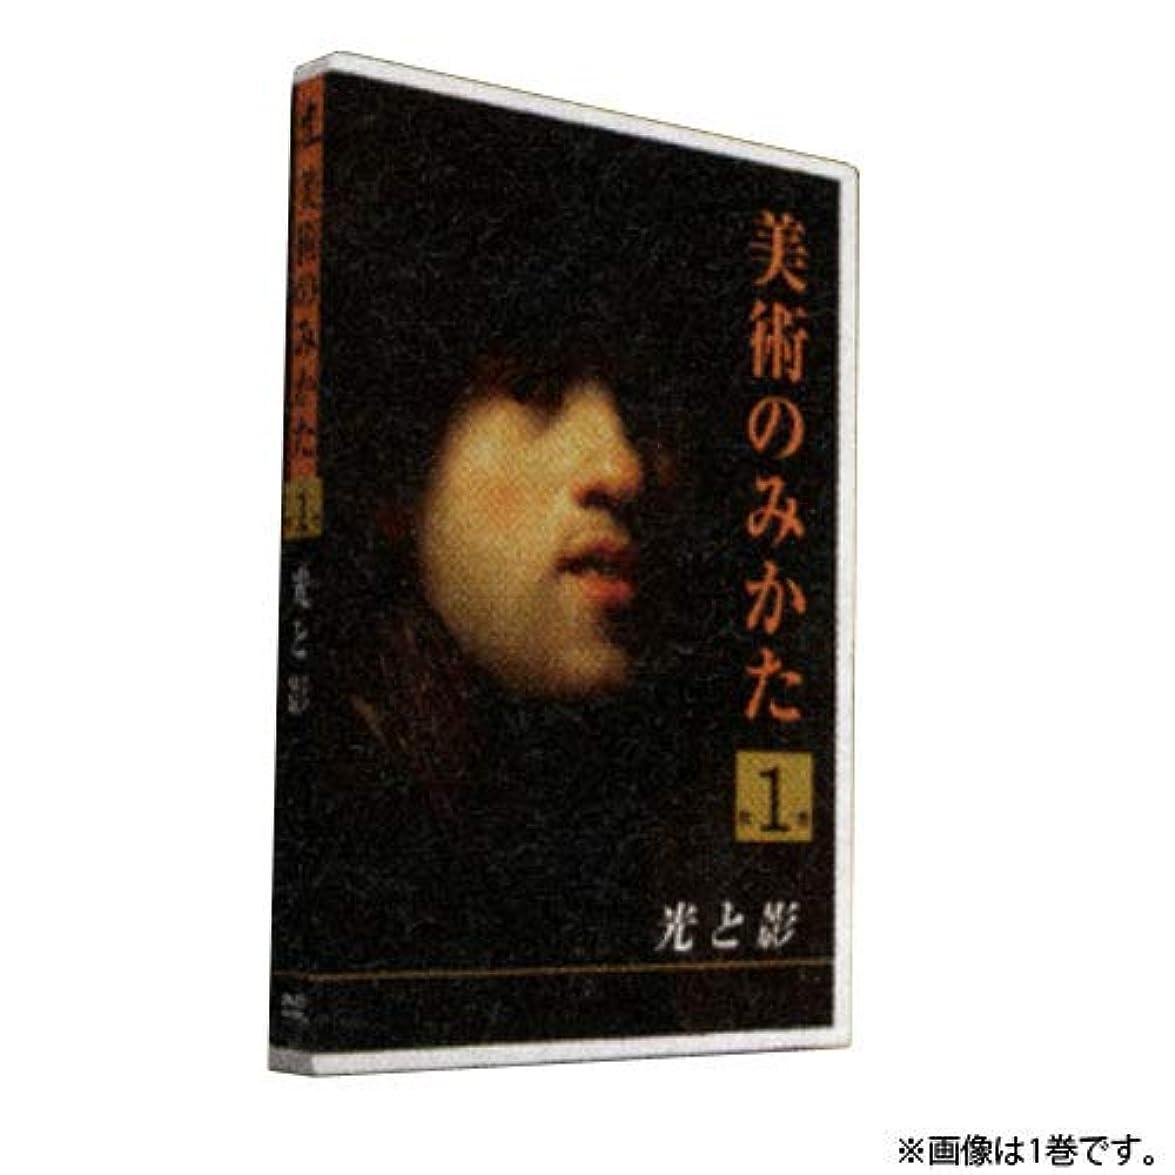 そこ二年生仕様DVD 美術のみかた 4.近代の人間像 B53-1364